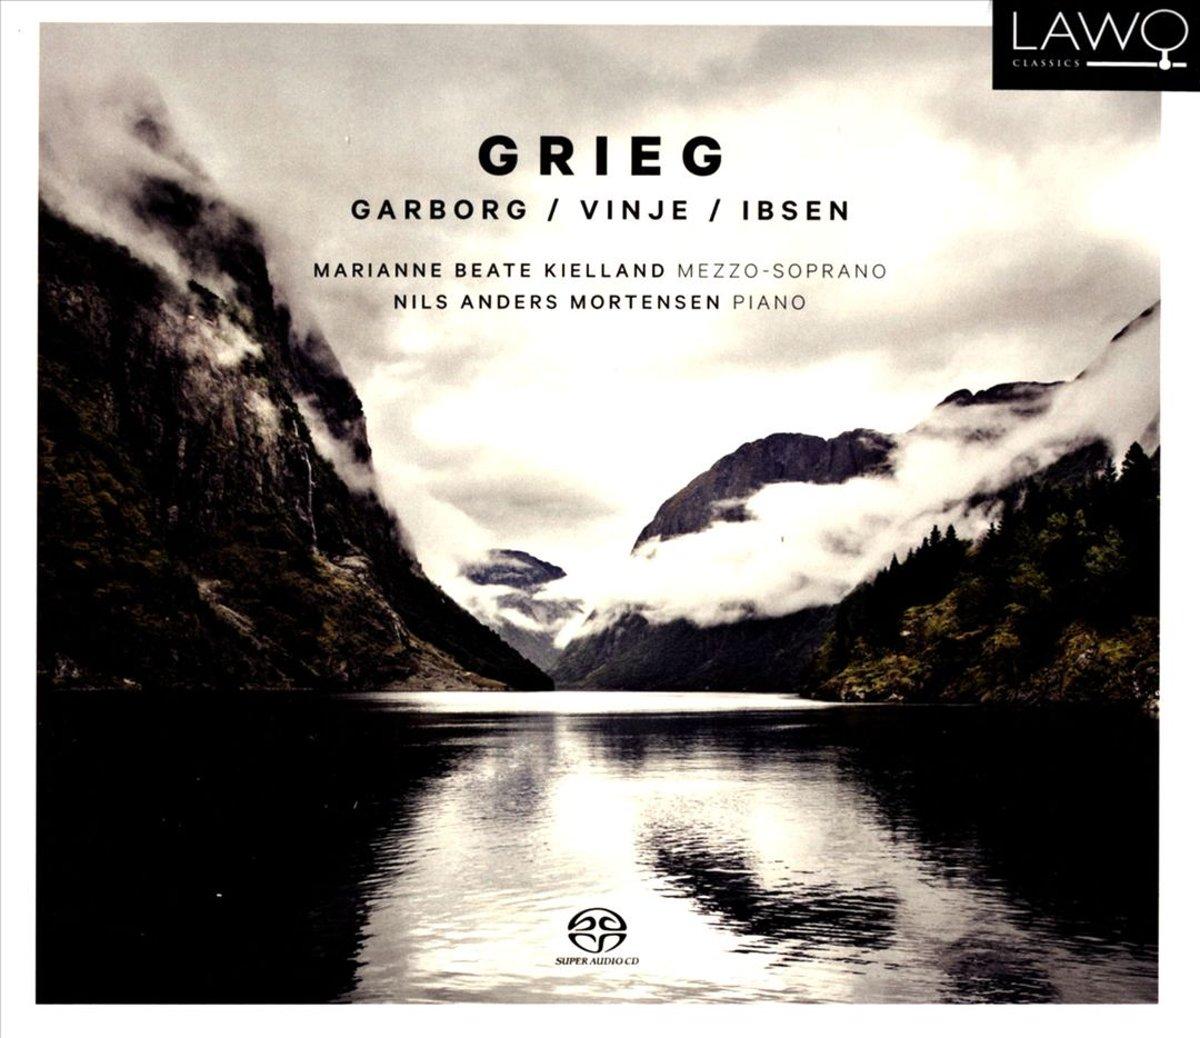 Grieg, Haugtussa, Vinje, Ibsen kopen